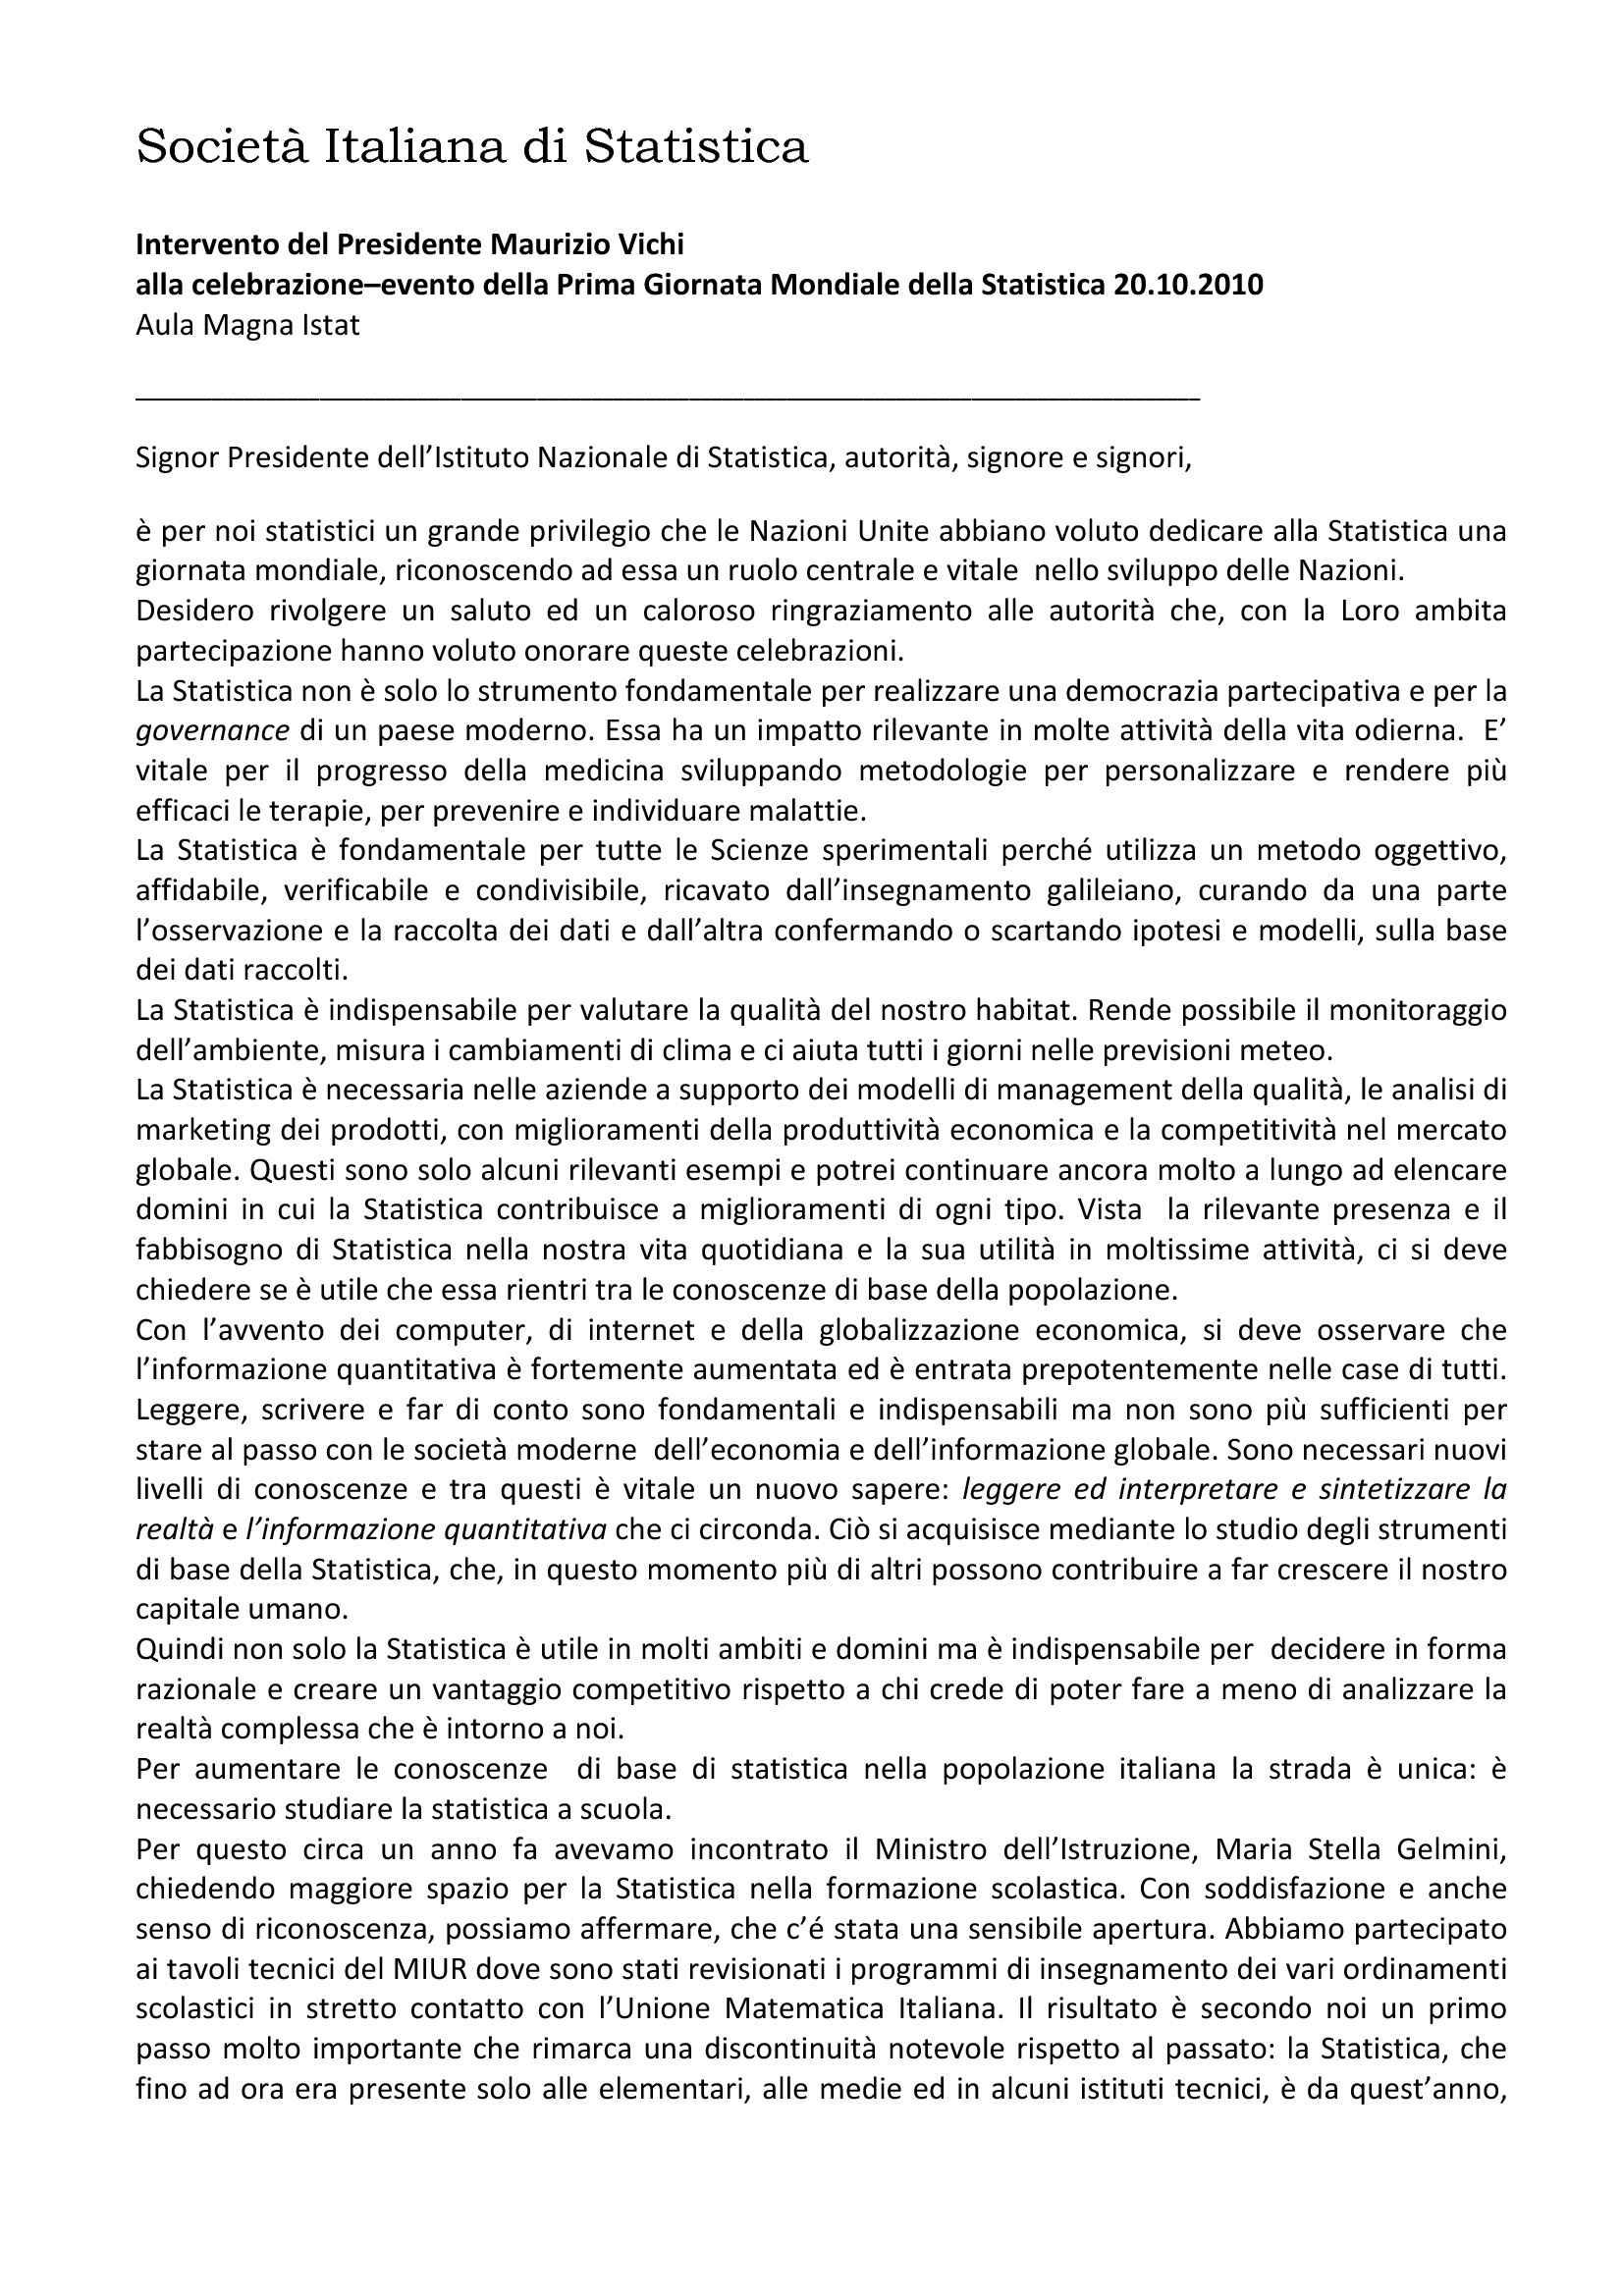 Intervento di Maurizio Vichi alla Giornata Mondiale della Statistica